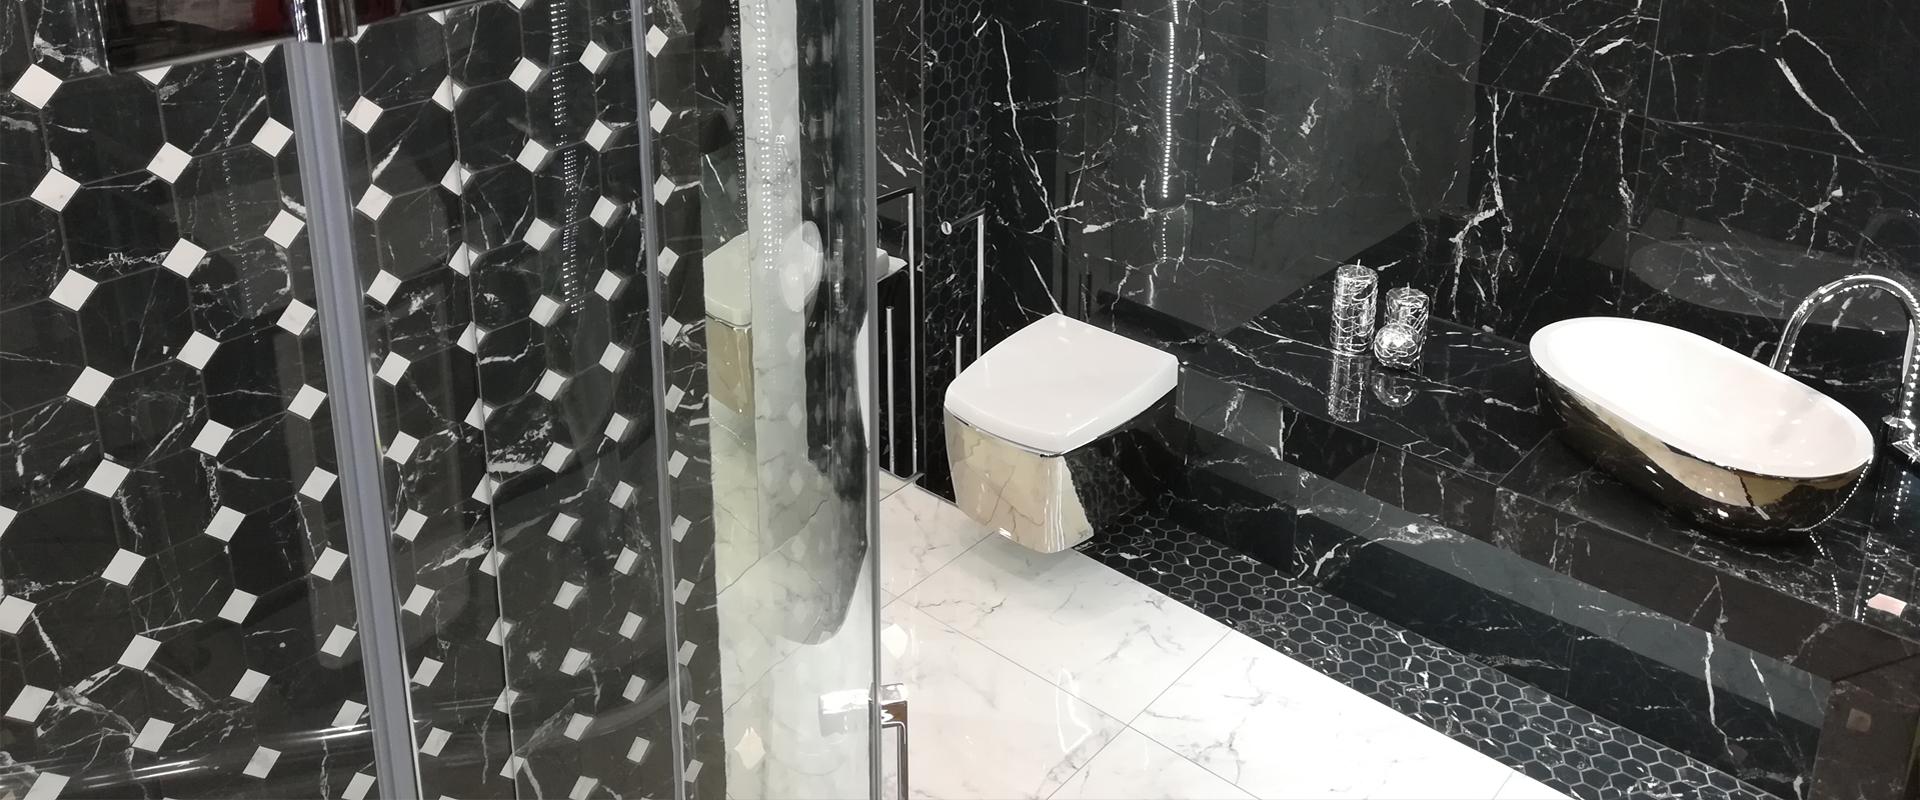 Wyposażenie łazienki Jd Partners